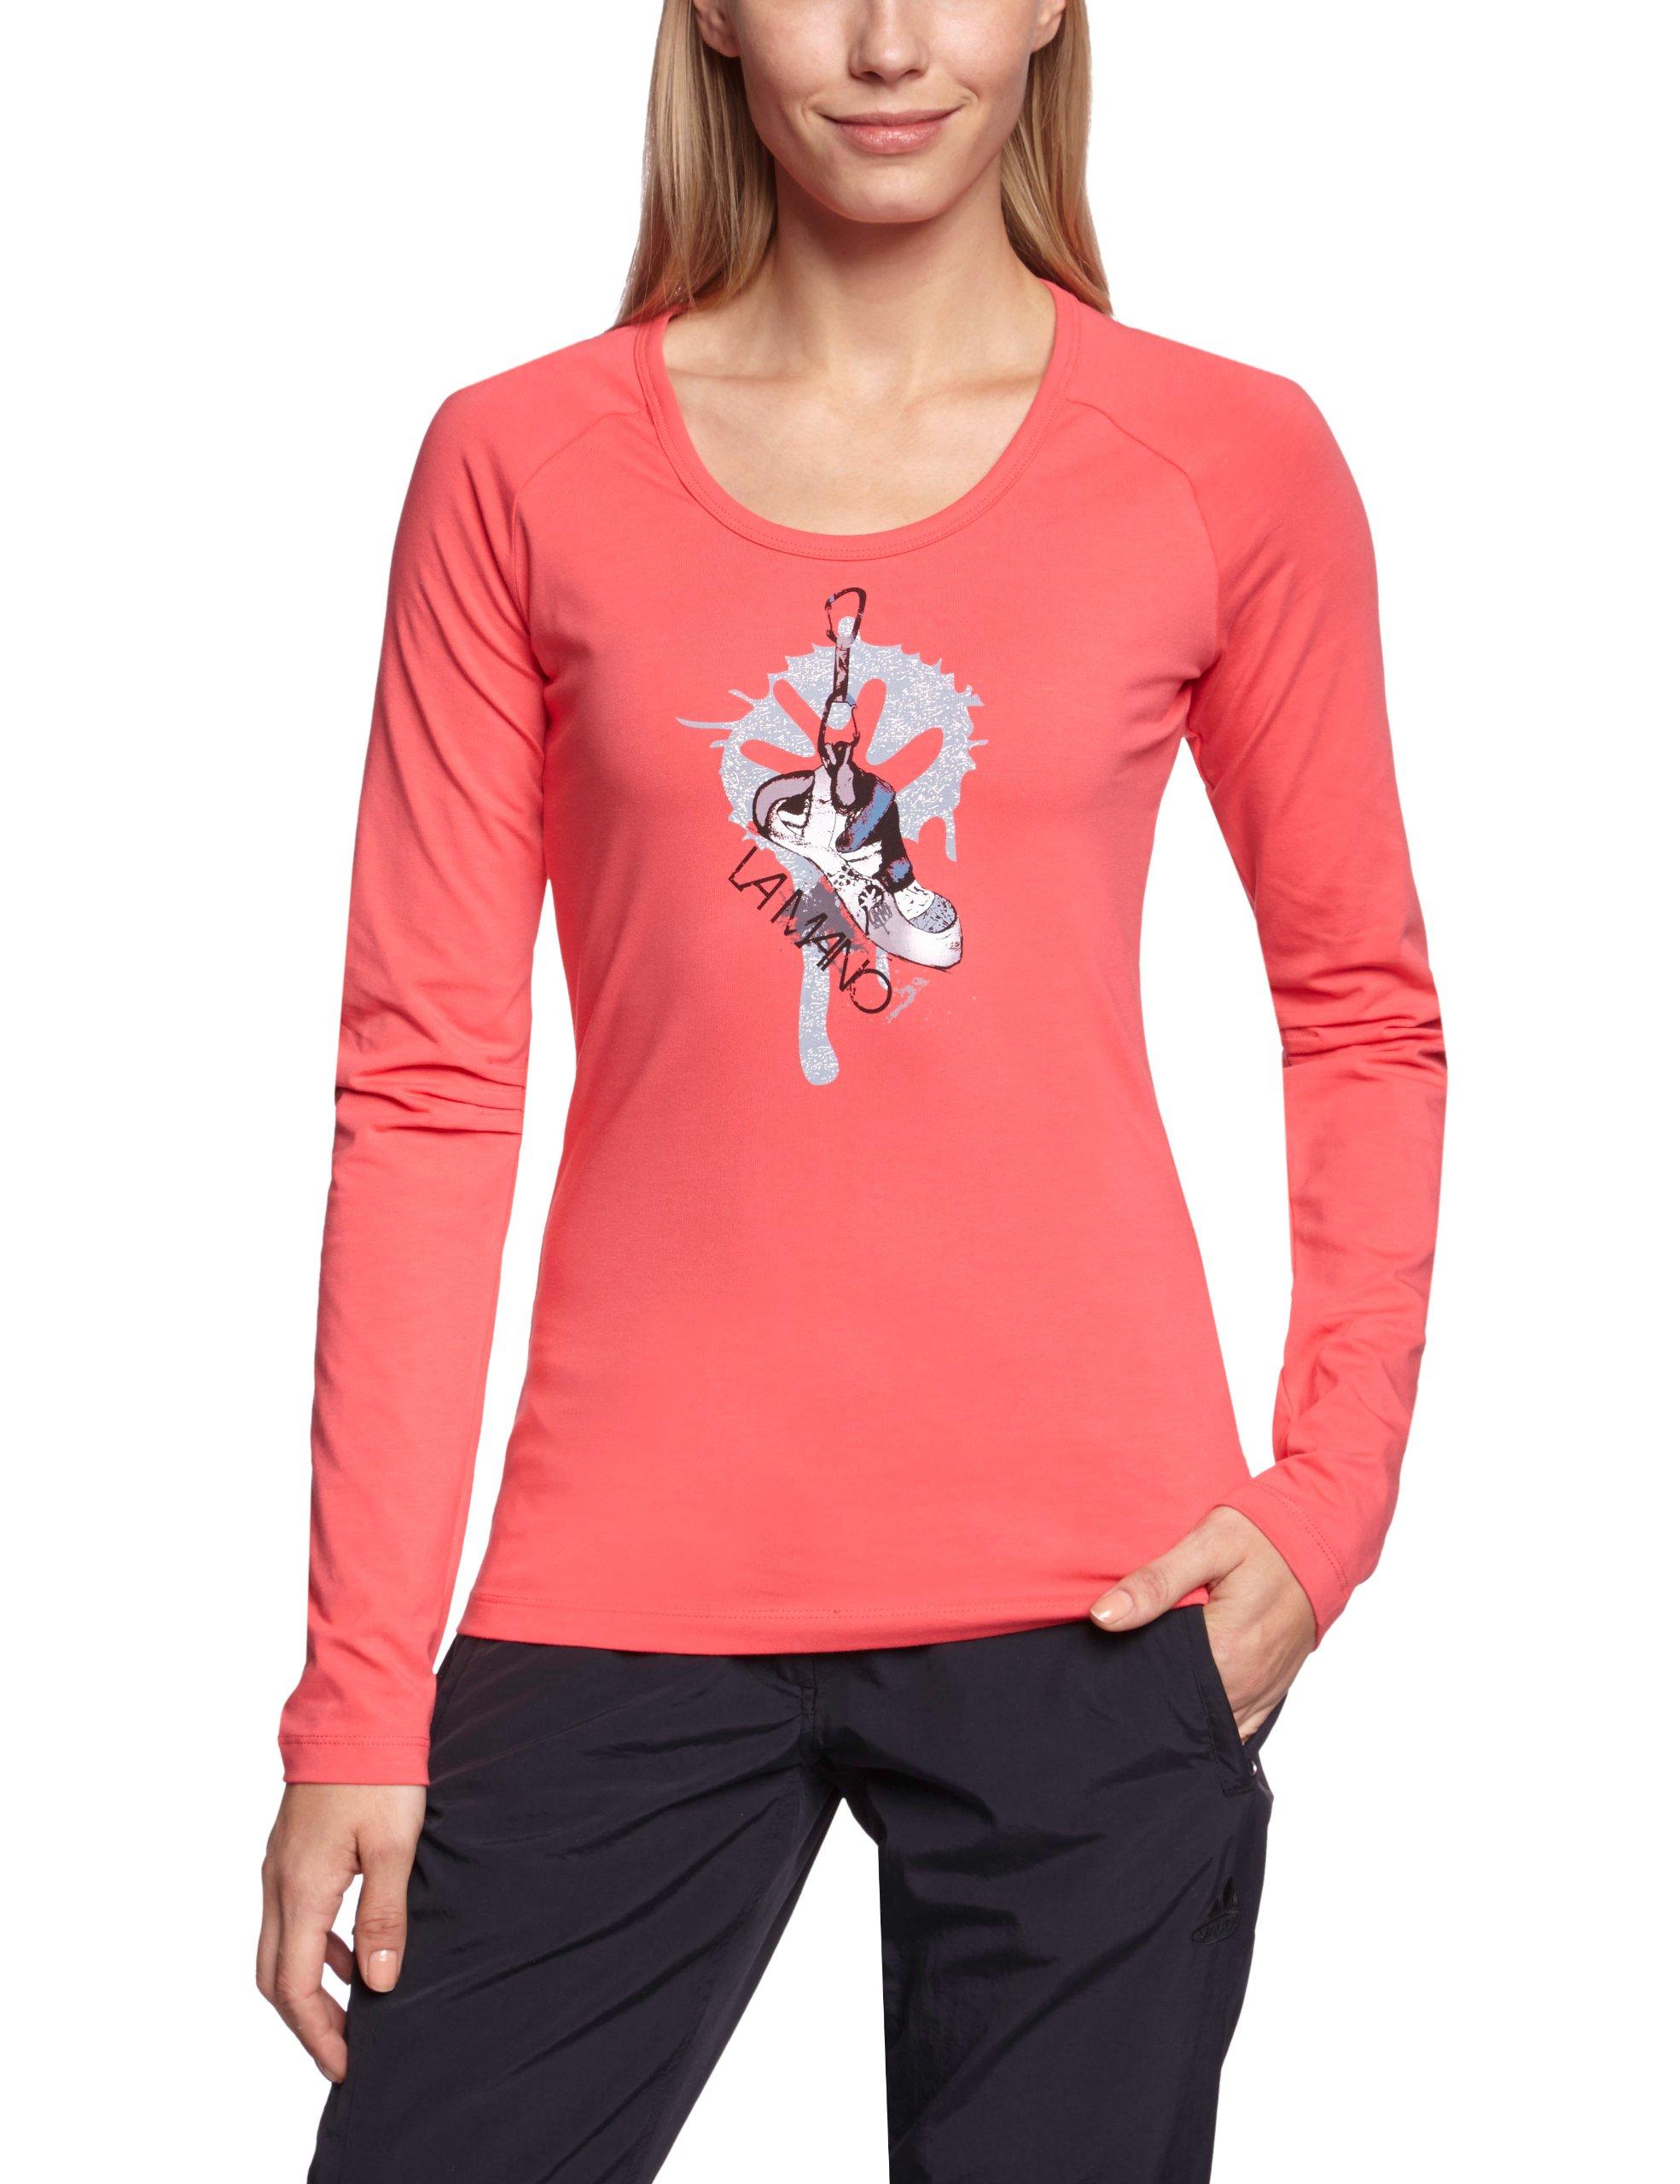 SALEWA, Maglietta a manica lunga Donna Chalk Up Co W Maglietta a maniche lunghe, Rosa (Pink Rose),